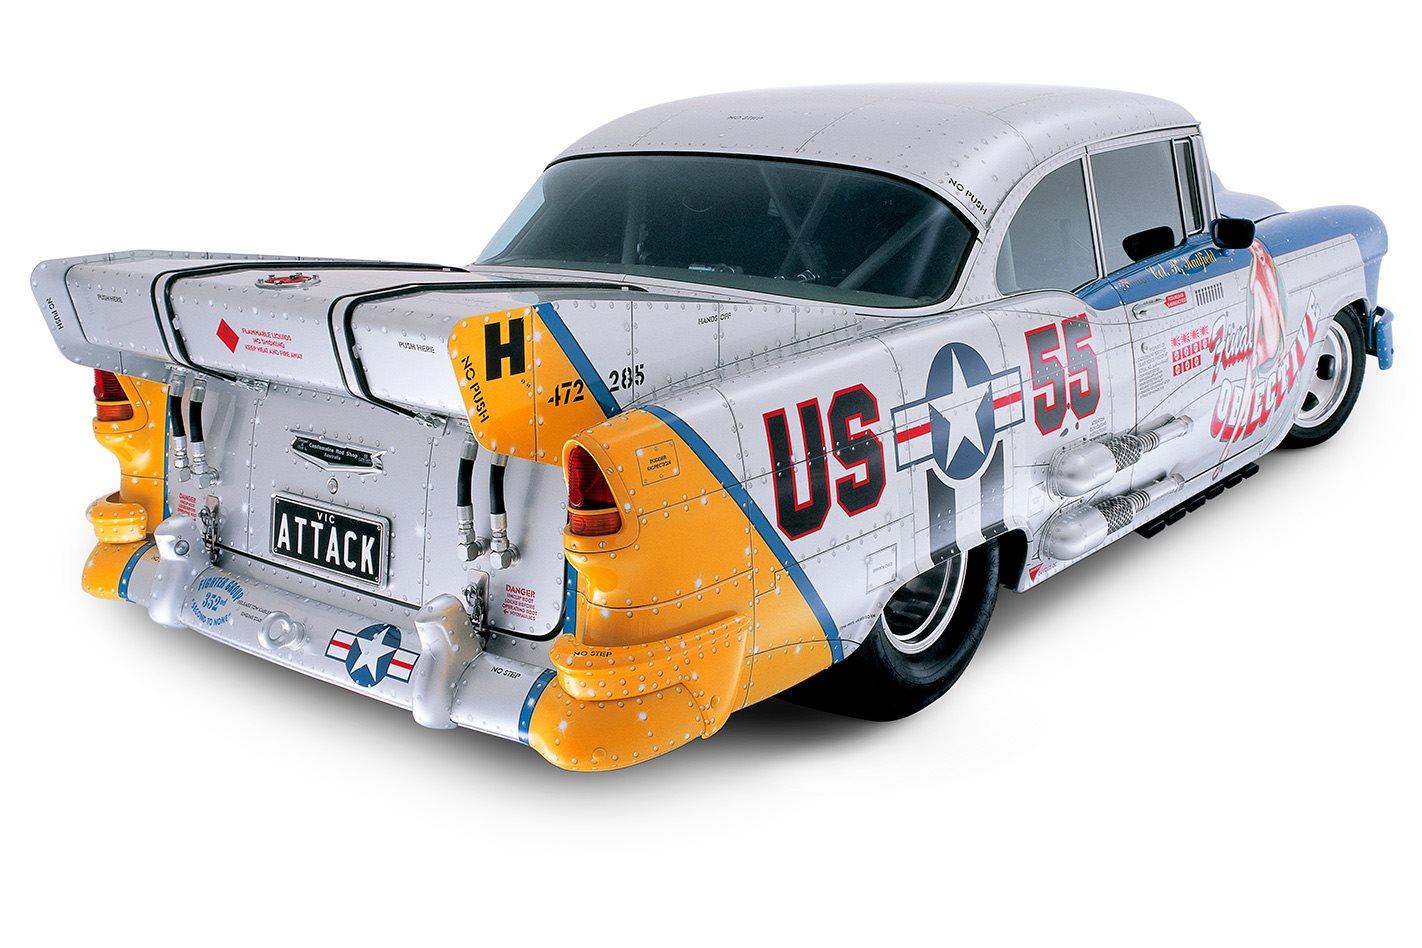 1955 Chevrolet Massive Attack rear